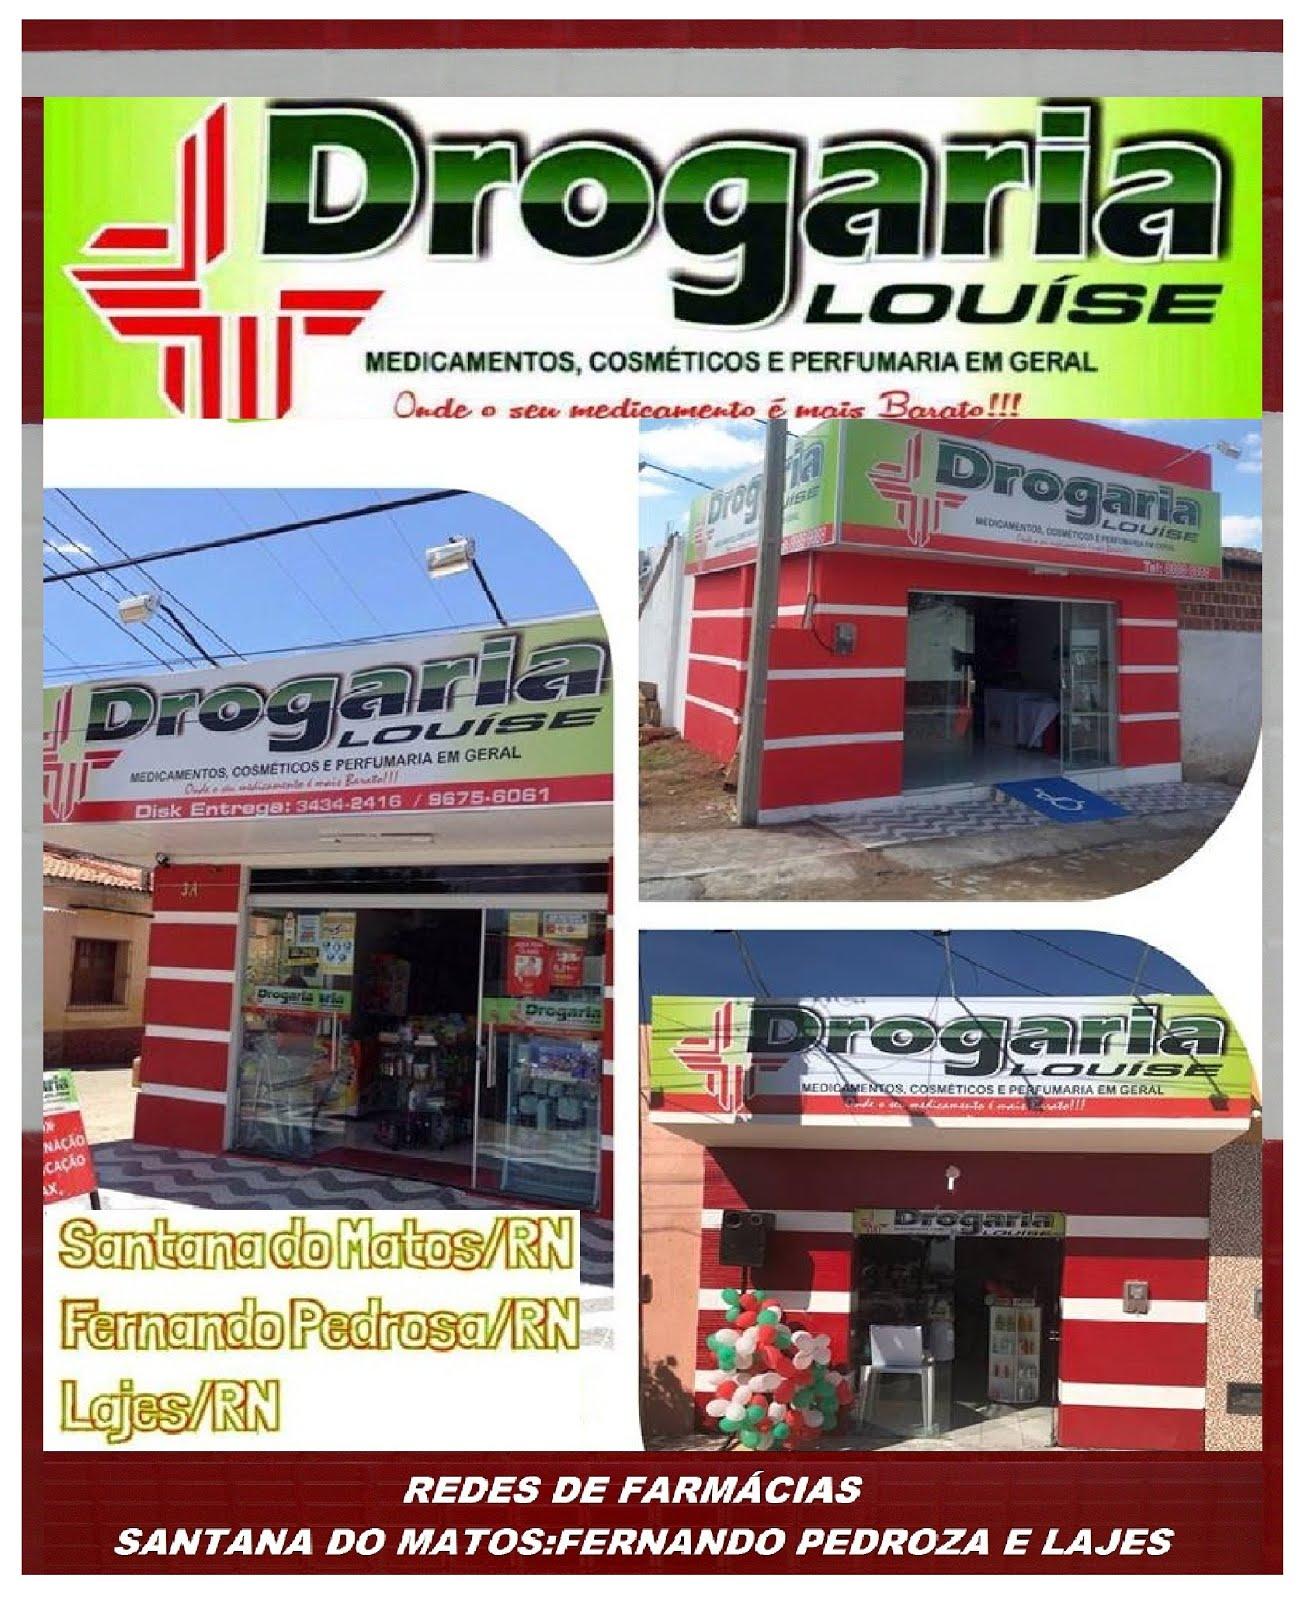 REDE DE FARMÁCIAS DROGARIAS LOUISE